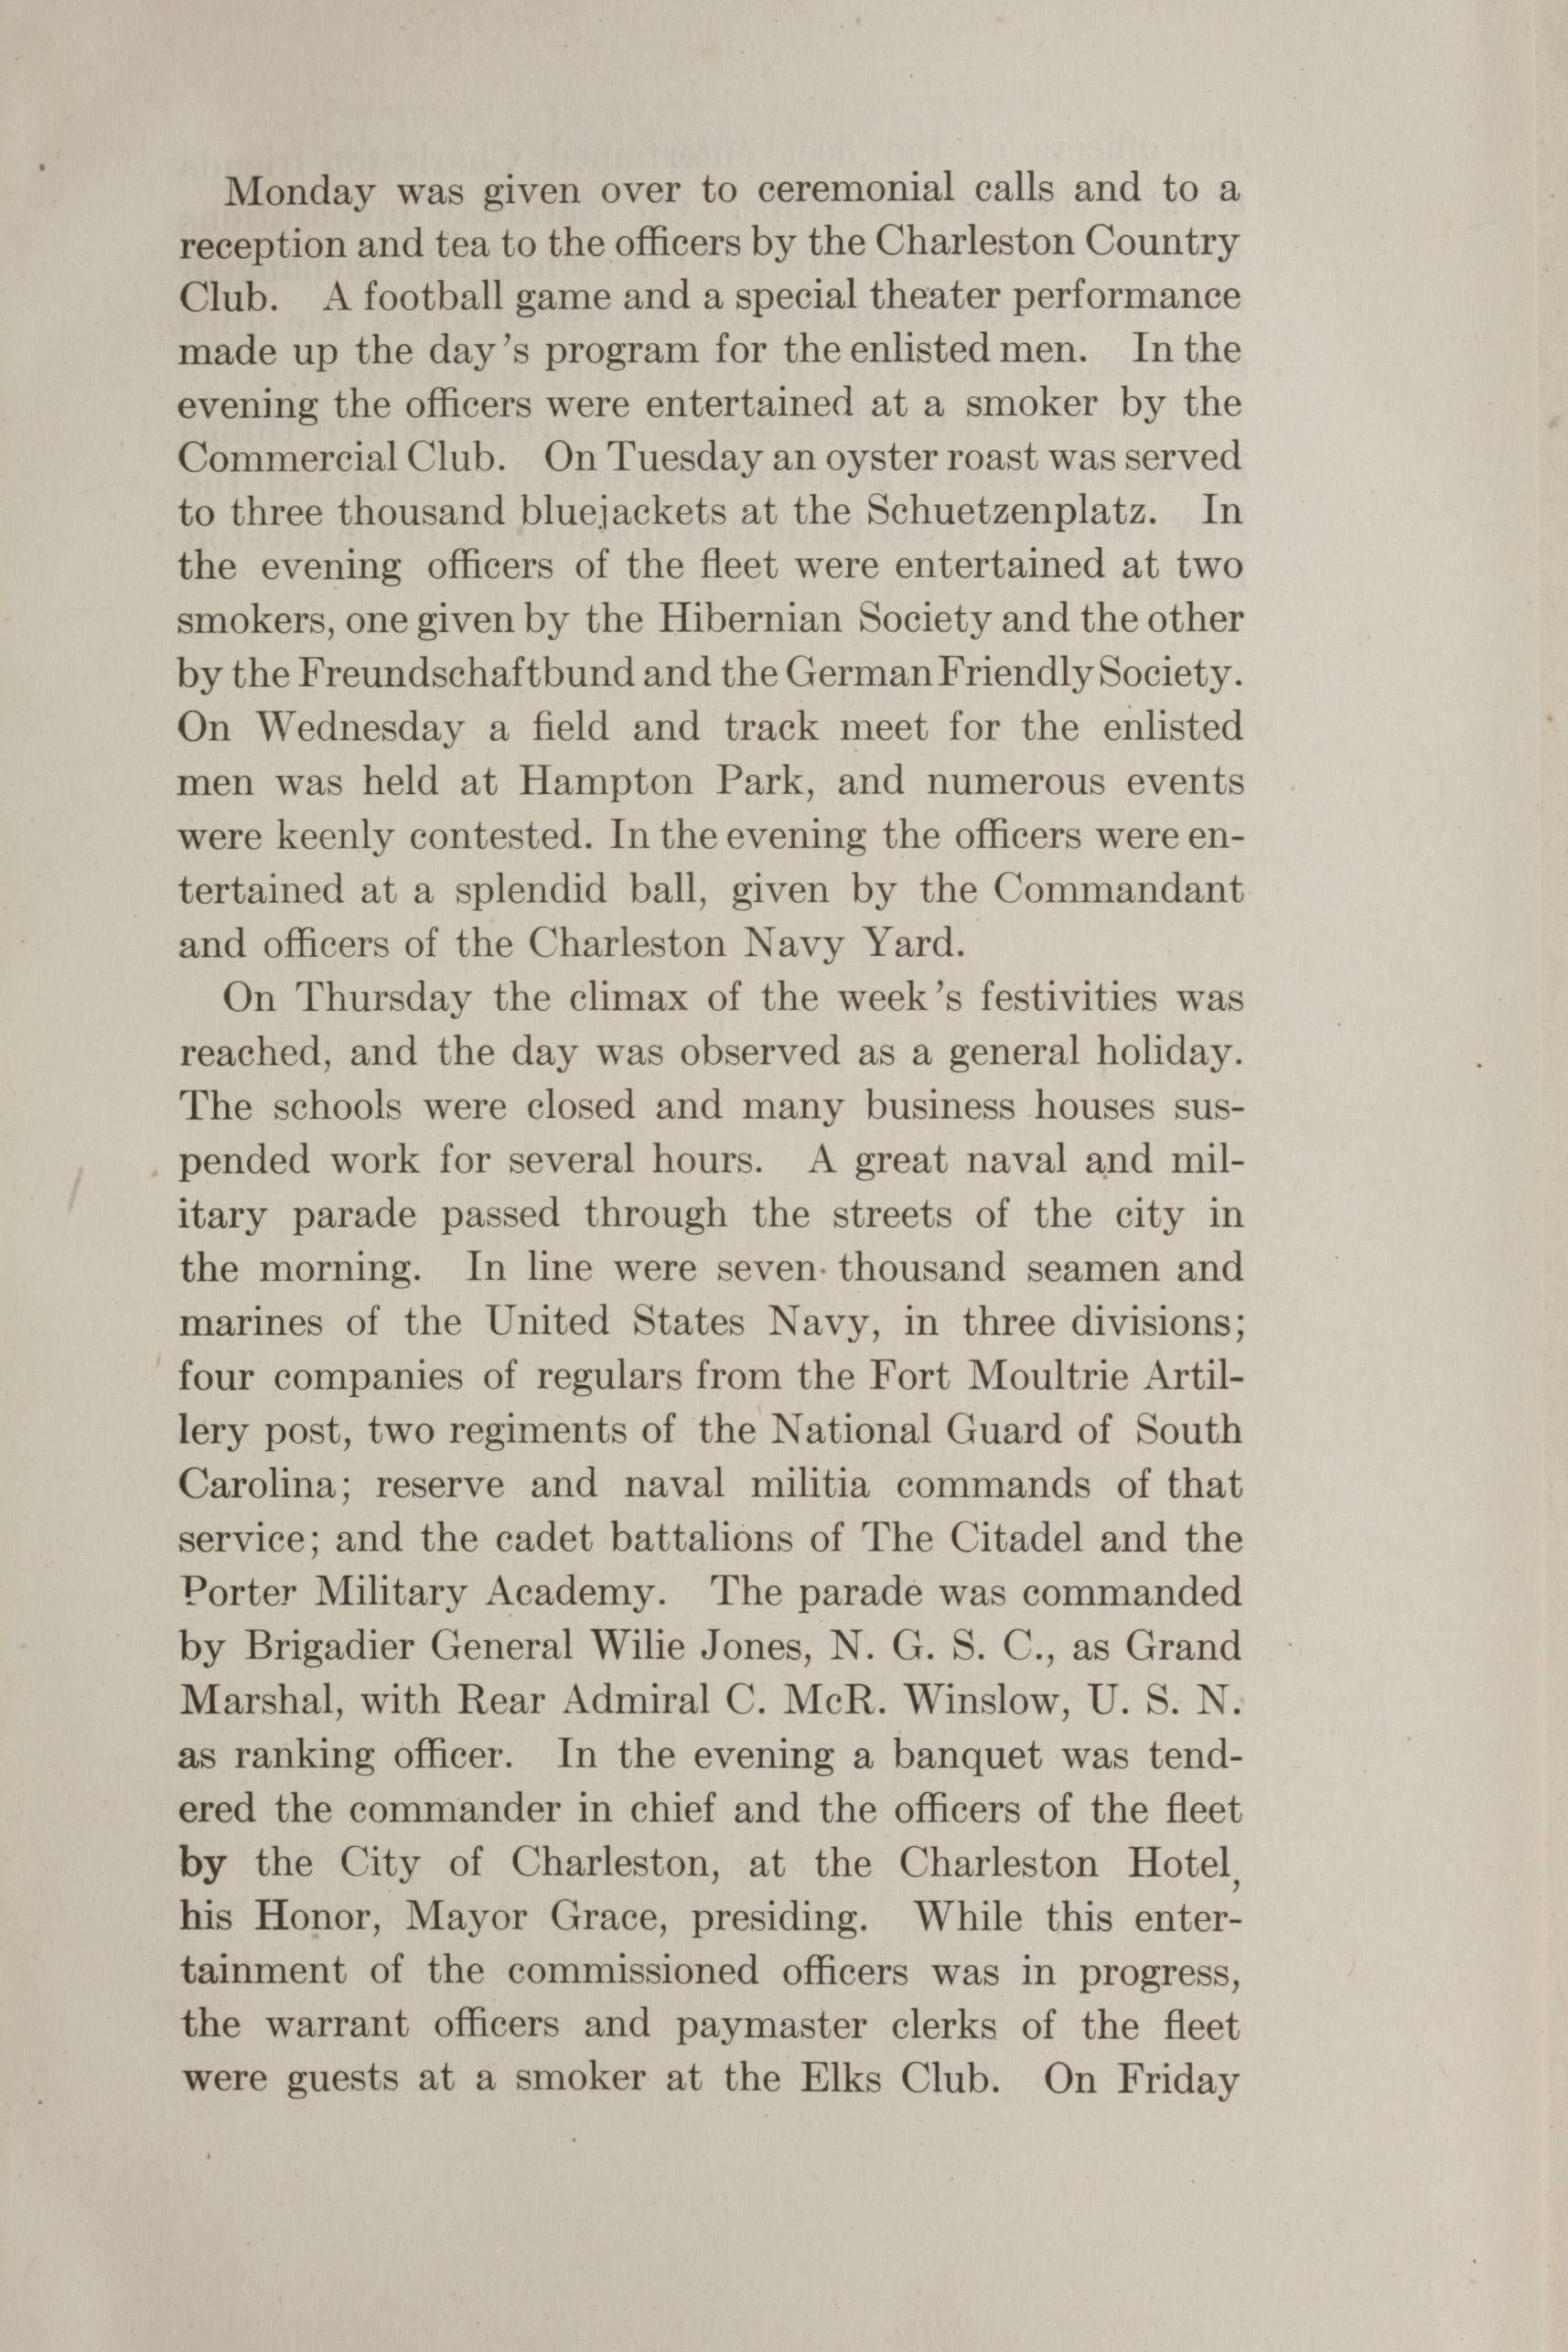 Charleston Yearbook, 1912, insert